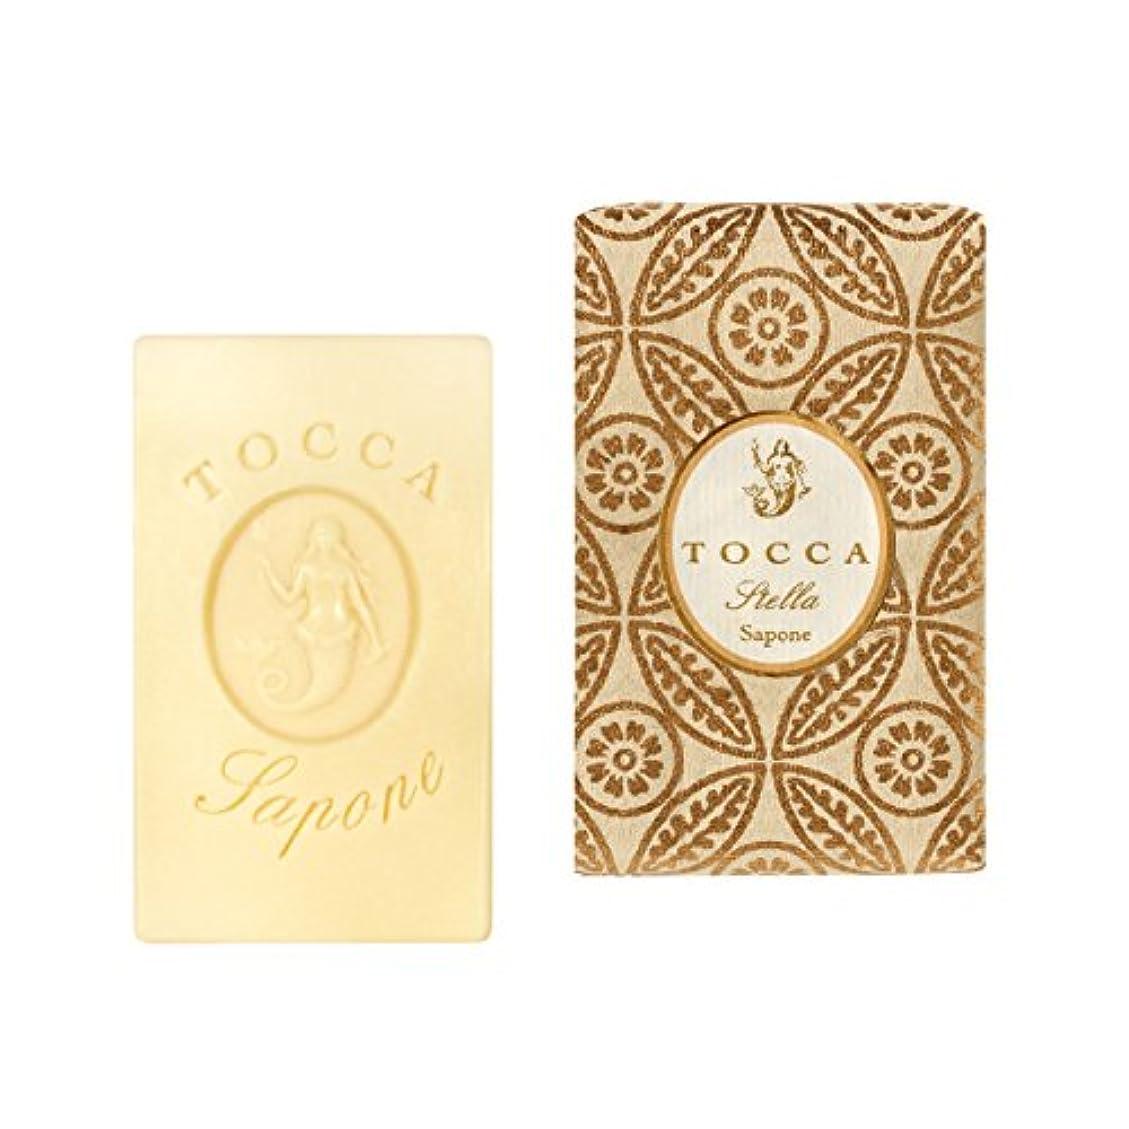 導出なる連邦トッカ(TOCCA) ソープバー ステラの香り 113g(石けん 化粧石けん イタリアンブラッドオレンジが奏でるフレッシュでビターな爽やかさ漂う香り)